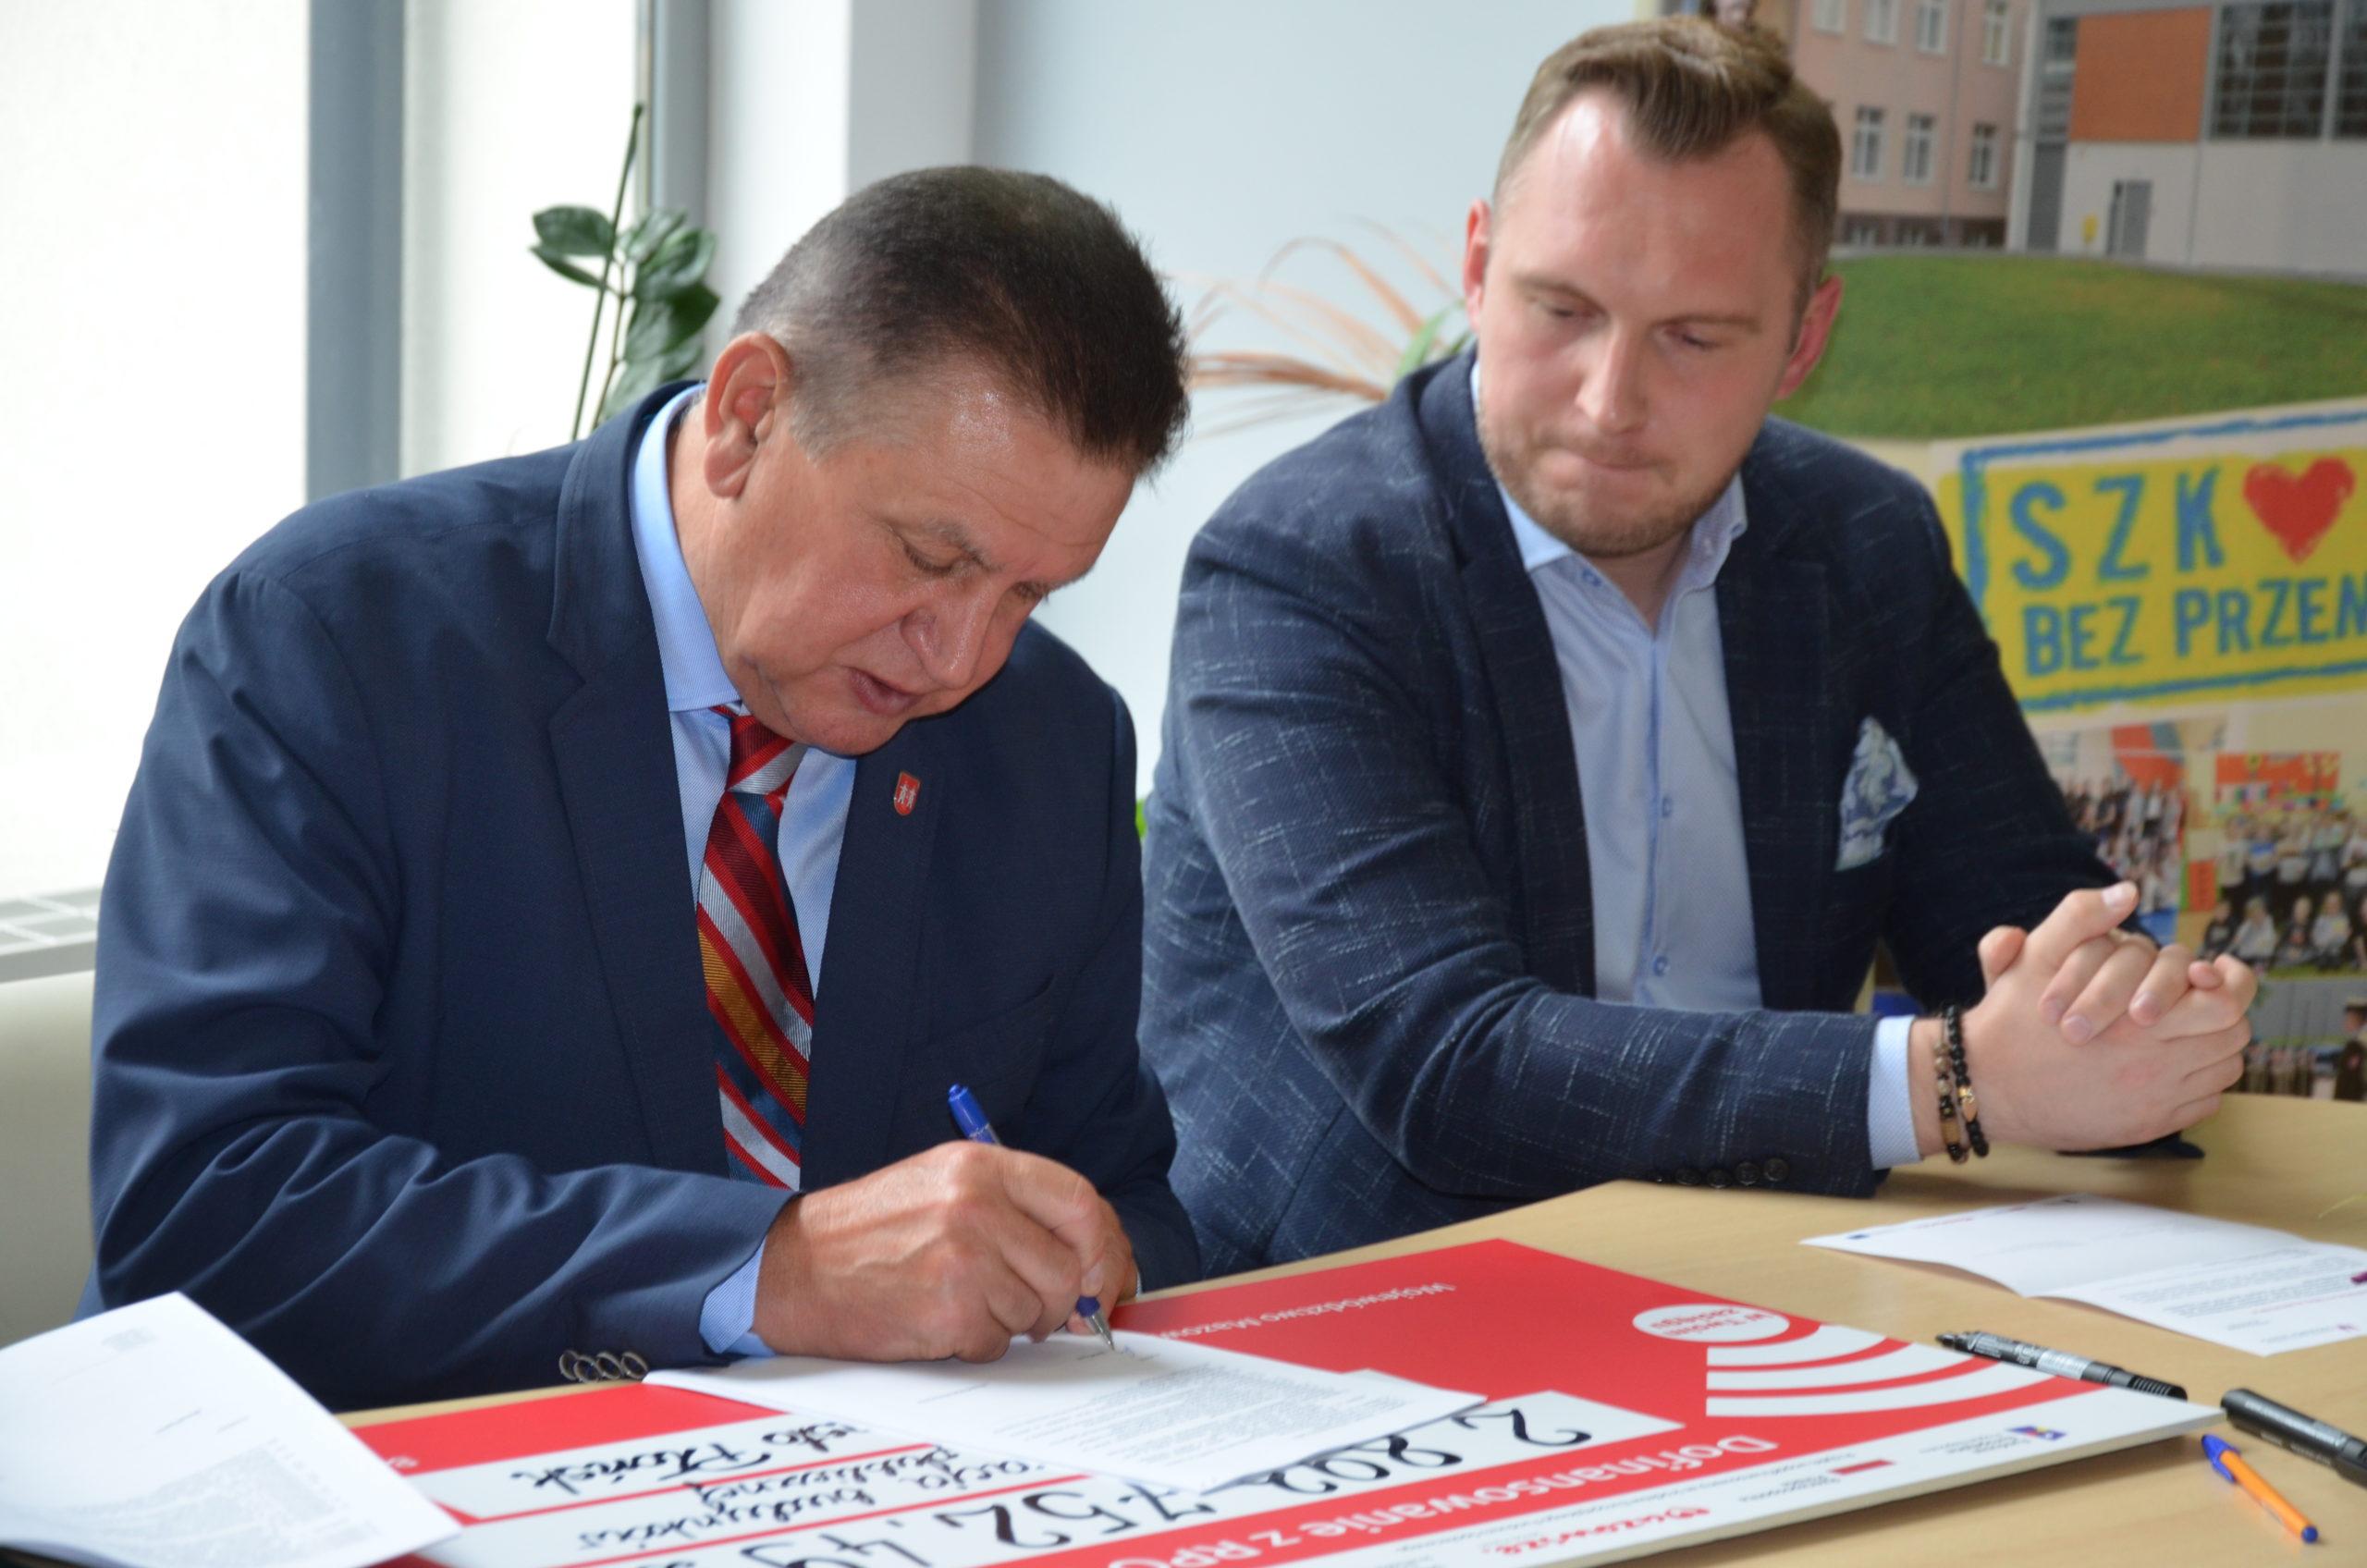 Podpisywanie umowy na termomodernizację budynków w Płońsku.